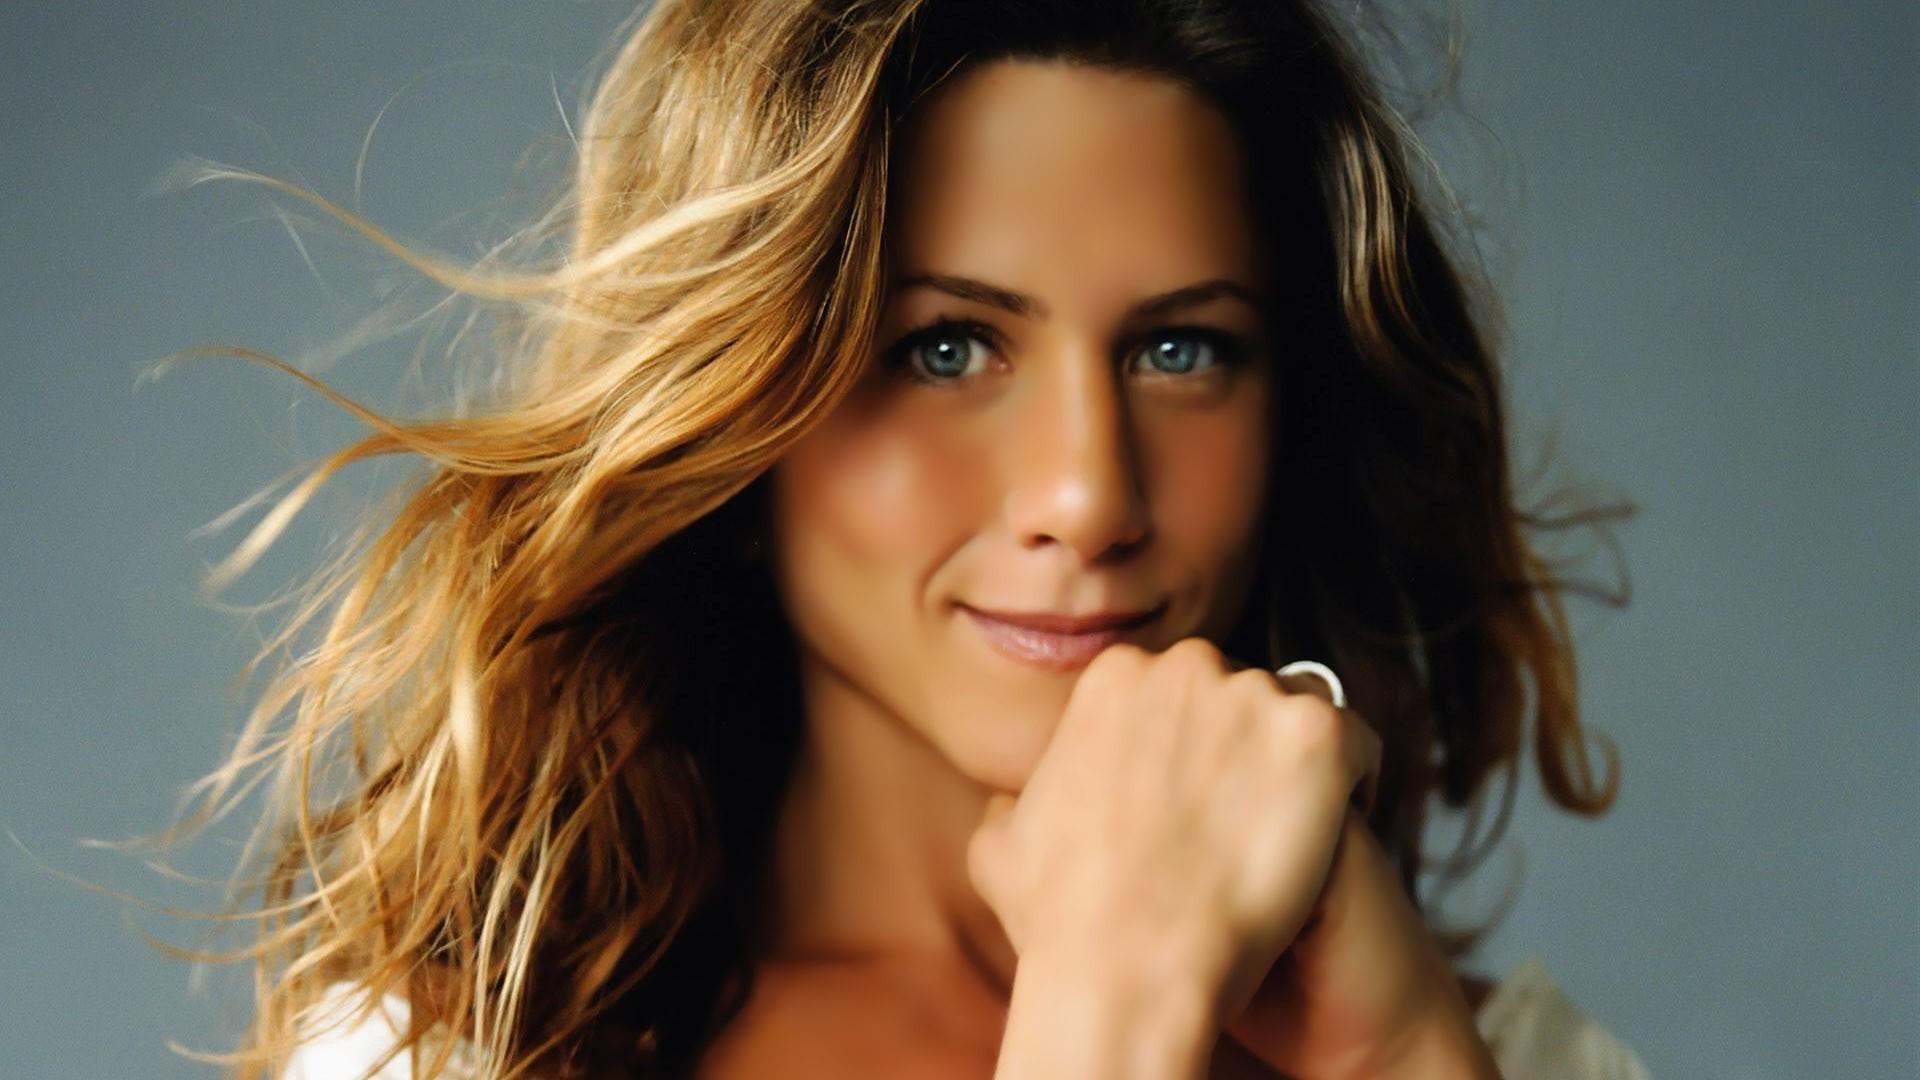 Jennifer Aniston Images